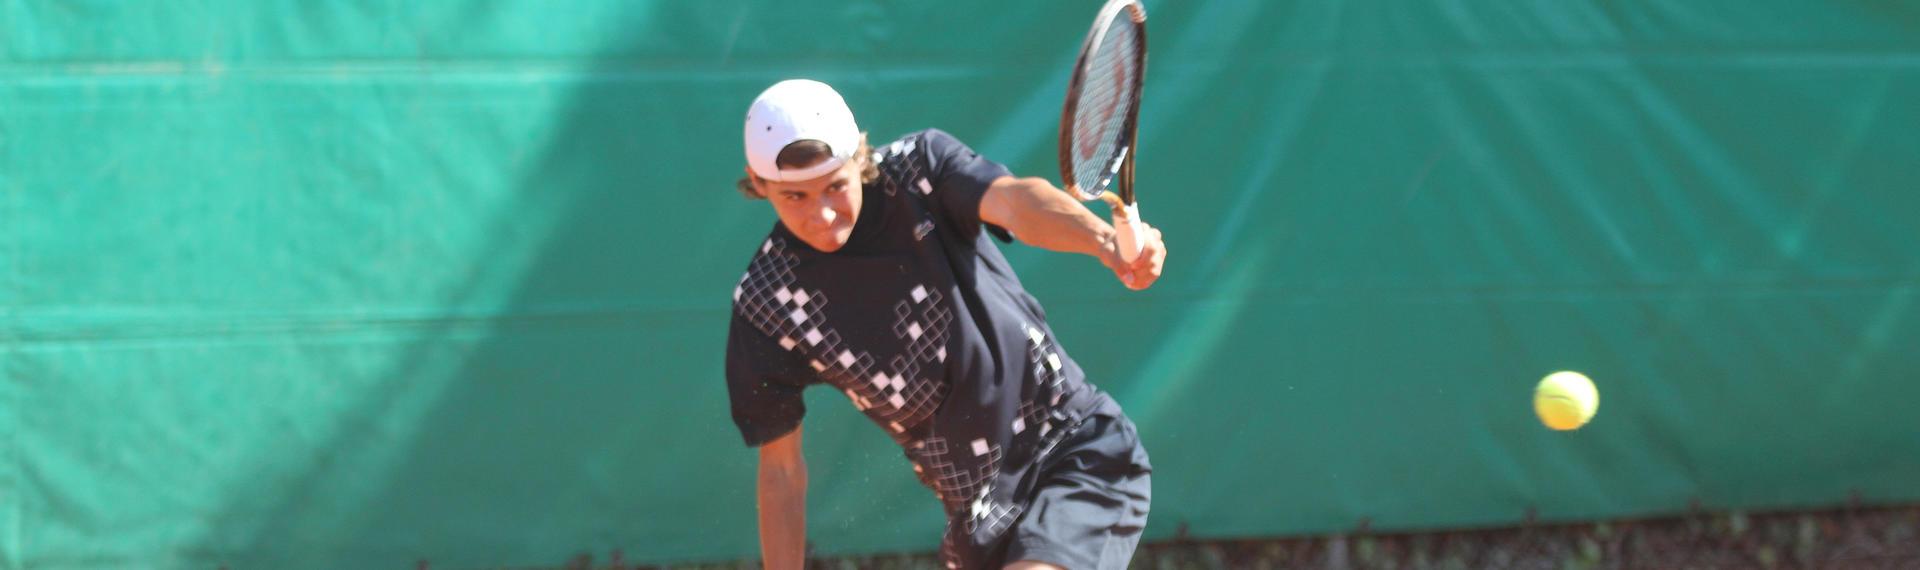 Siméon Rossier, tennis - banque privée Bonhôte